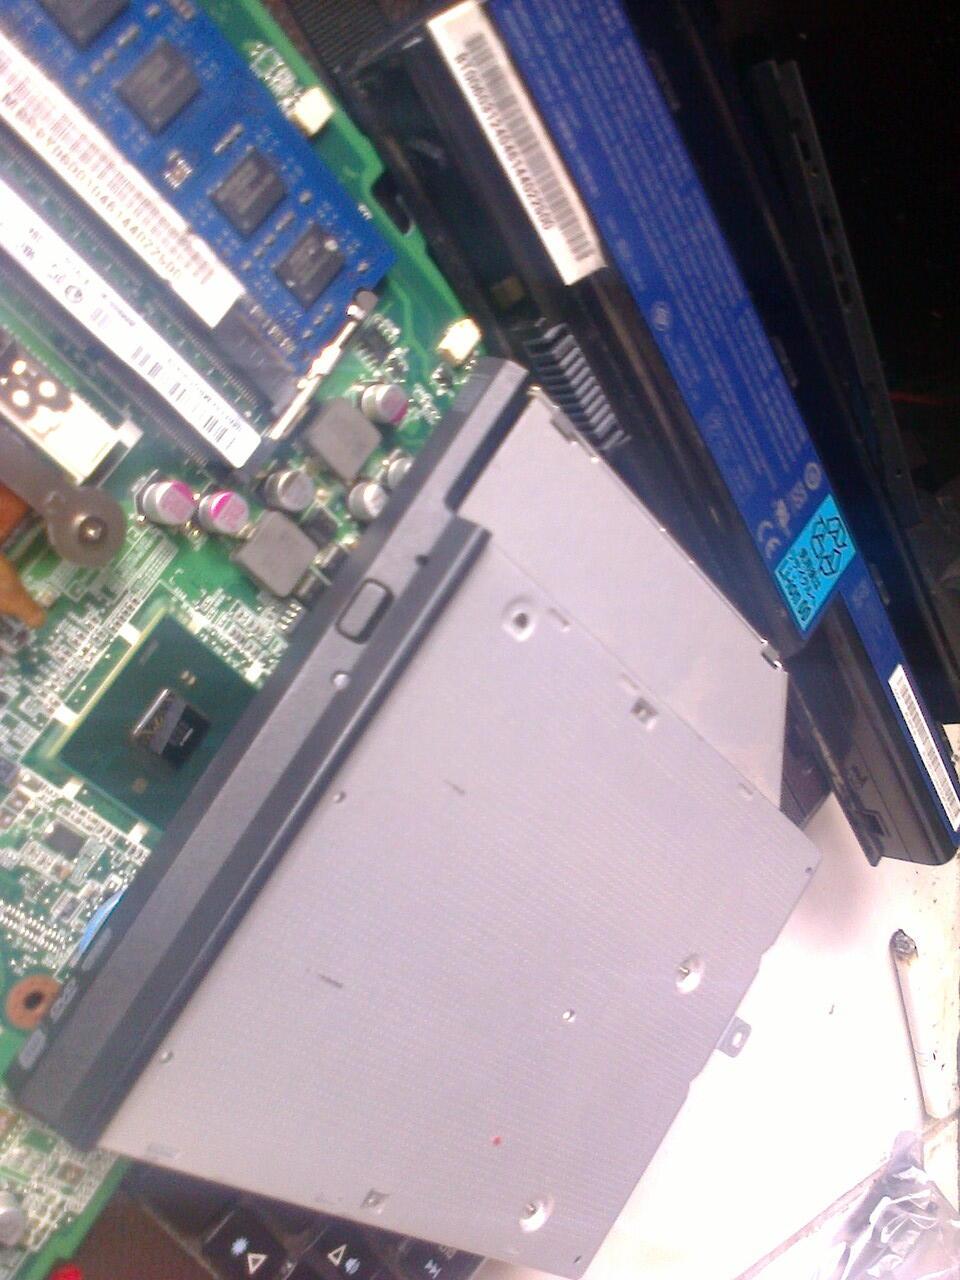 Acer Aspire 4738 - Pretelan/di-Beleh/di-Brodol/di-Keteng/di-Ecer/Parts